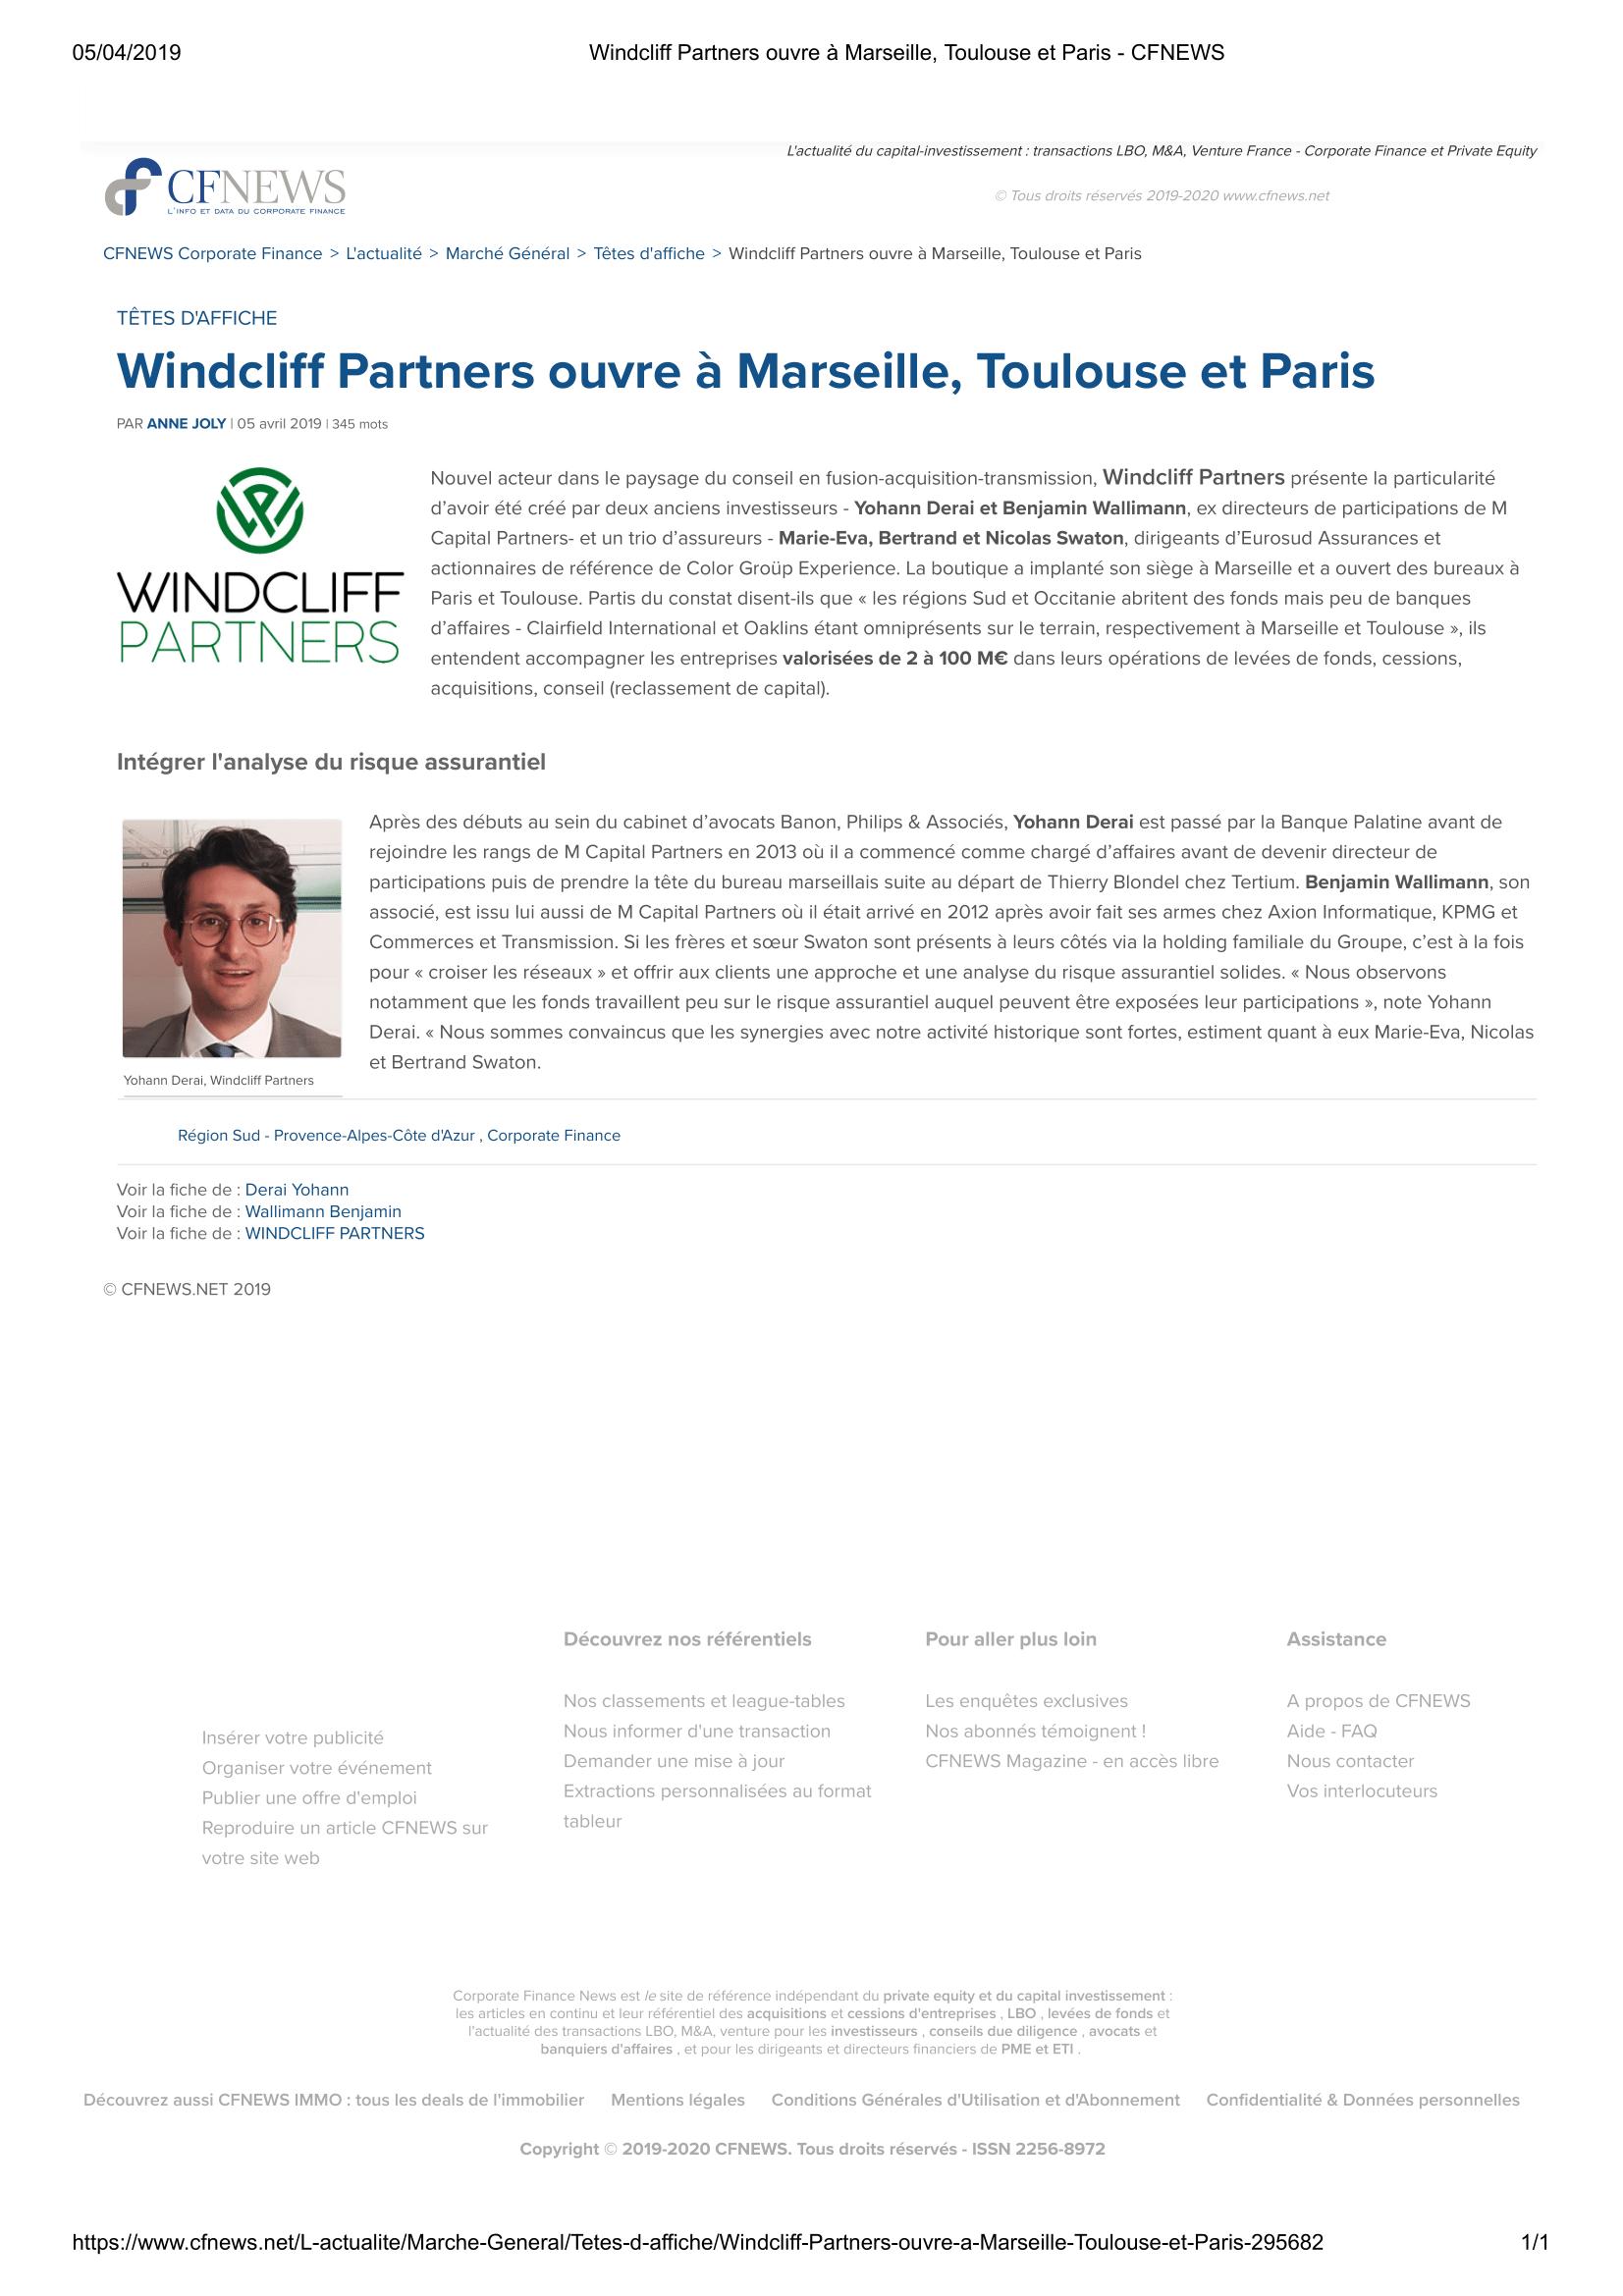 Windcliff Partners ouvre à Marseille, Toulouse et Paris - CFNEWS-1.png